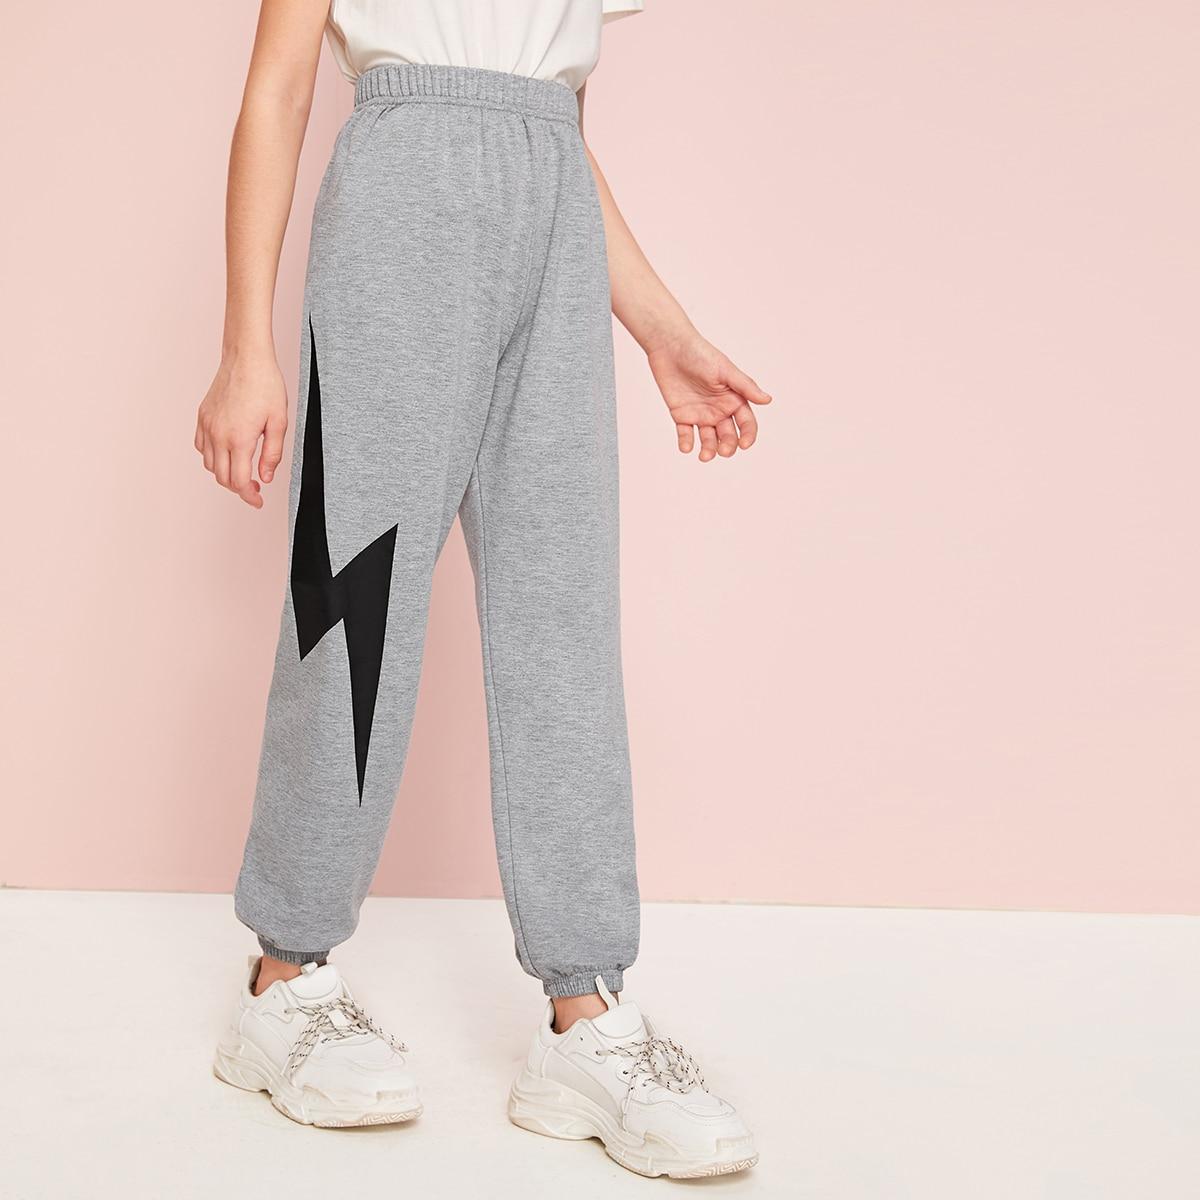 Спортивные брюки с принтом для девочек фото